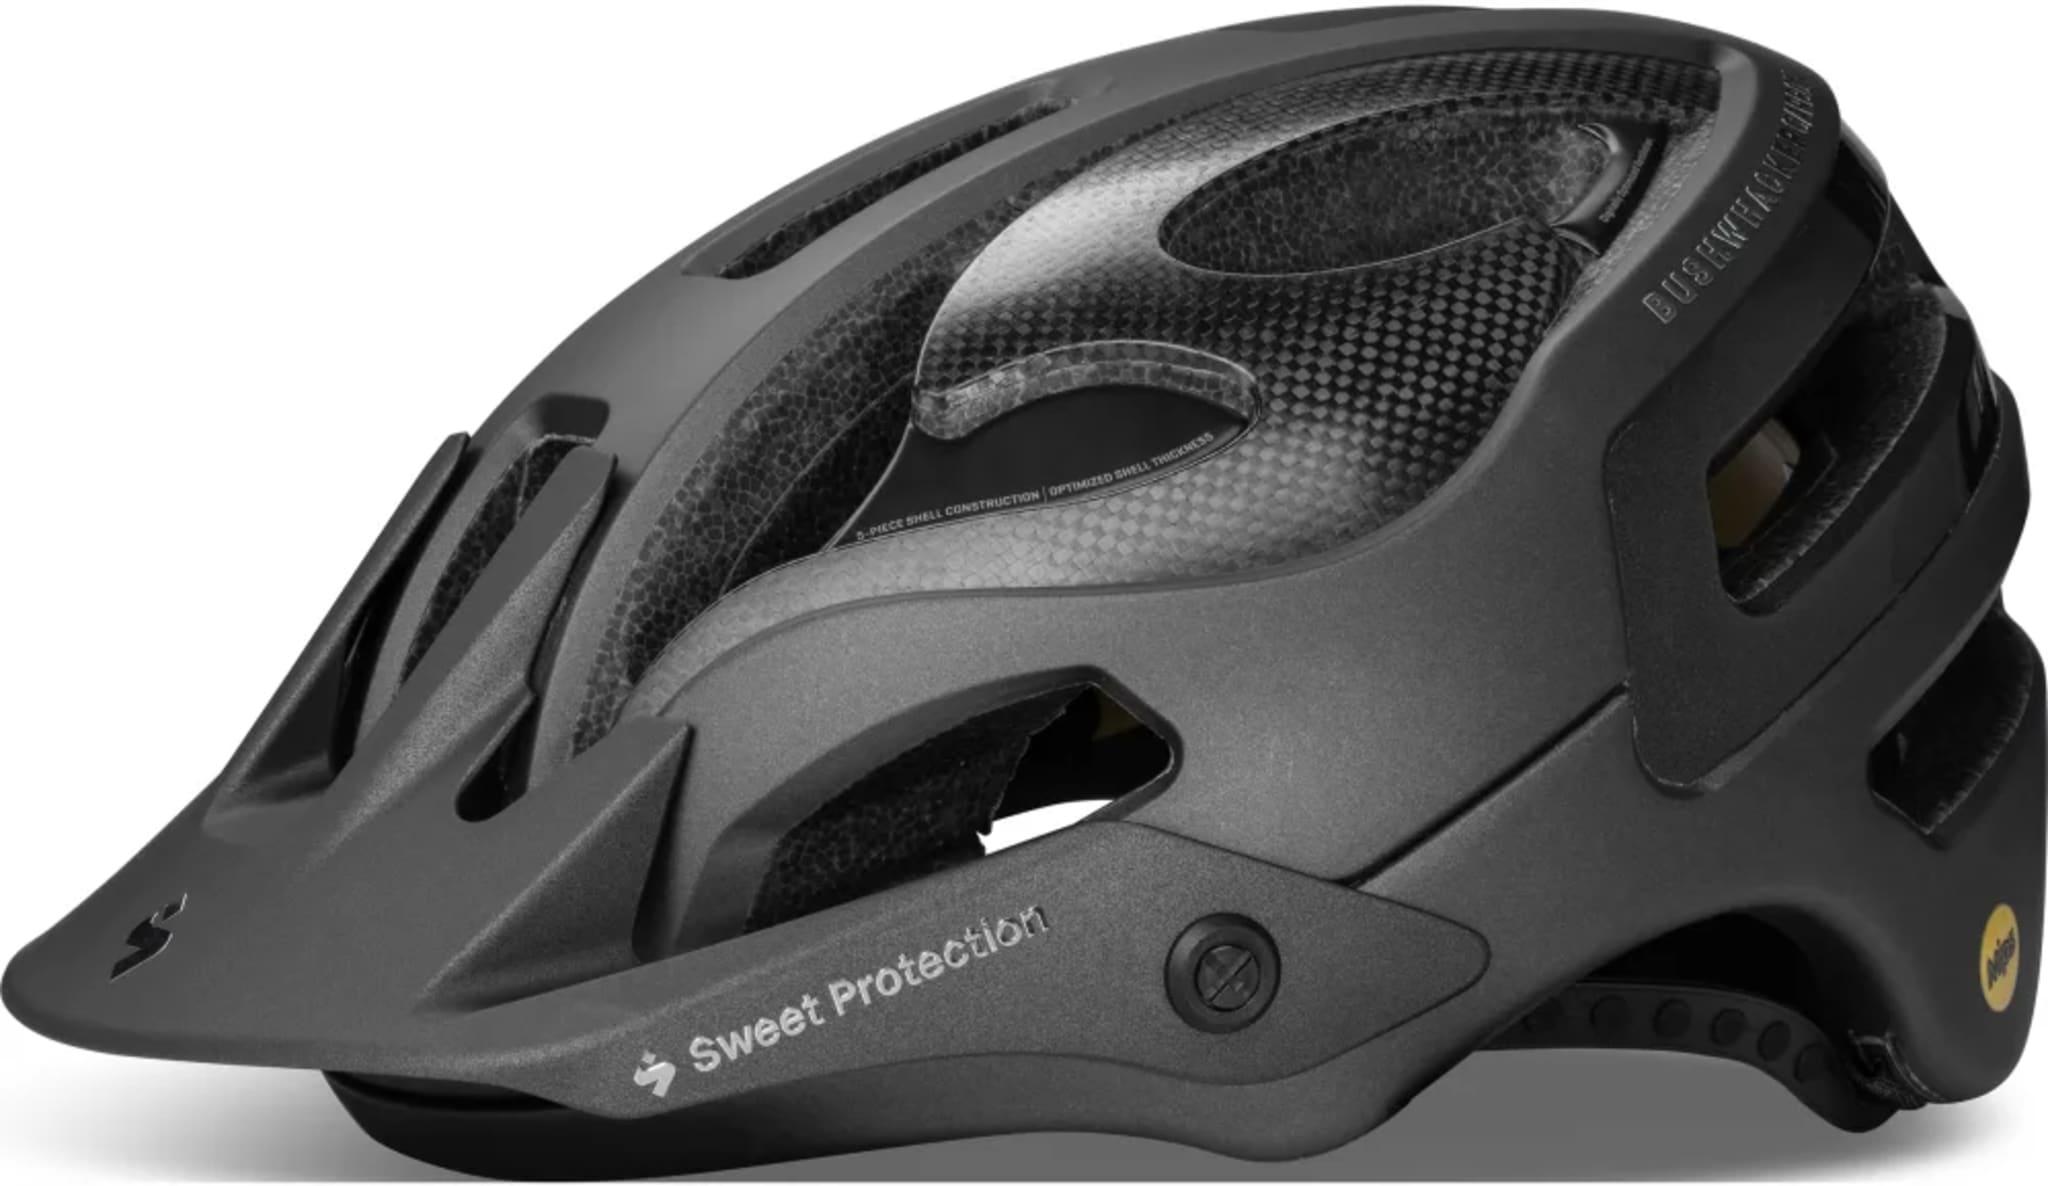 Denne hjelmen er fullspekket med funksjoner i en lett og godt ventilert pakke som gjør den til en favoritt innenfor enduro og singletrack